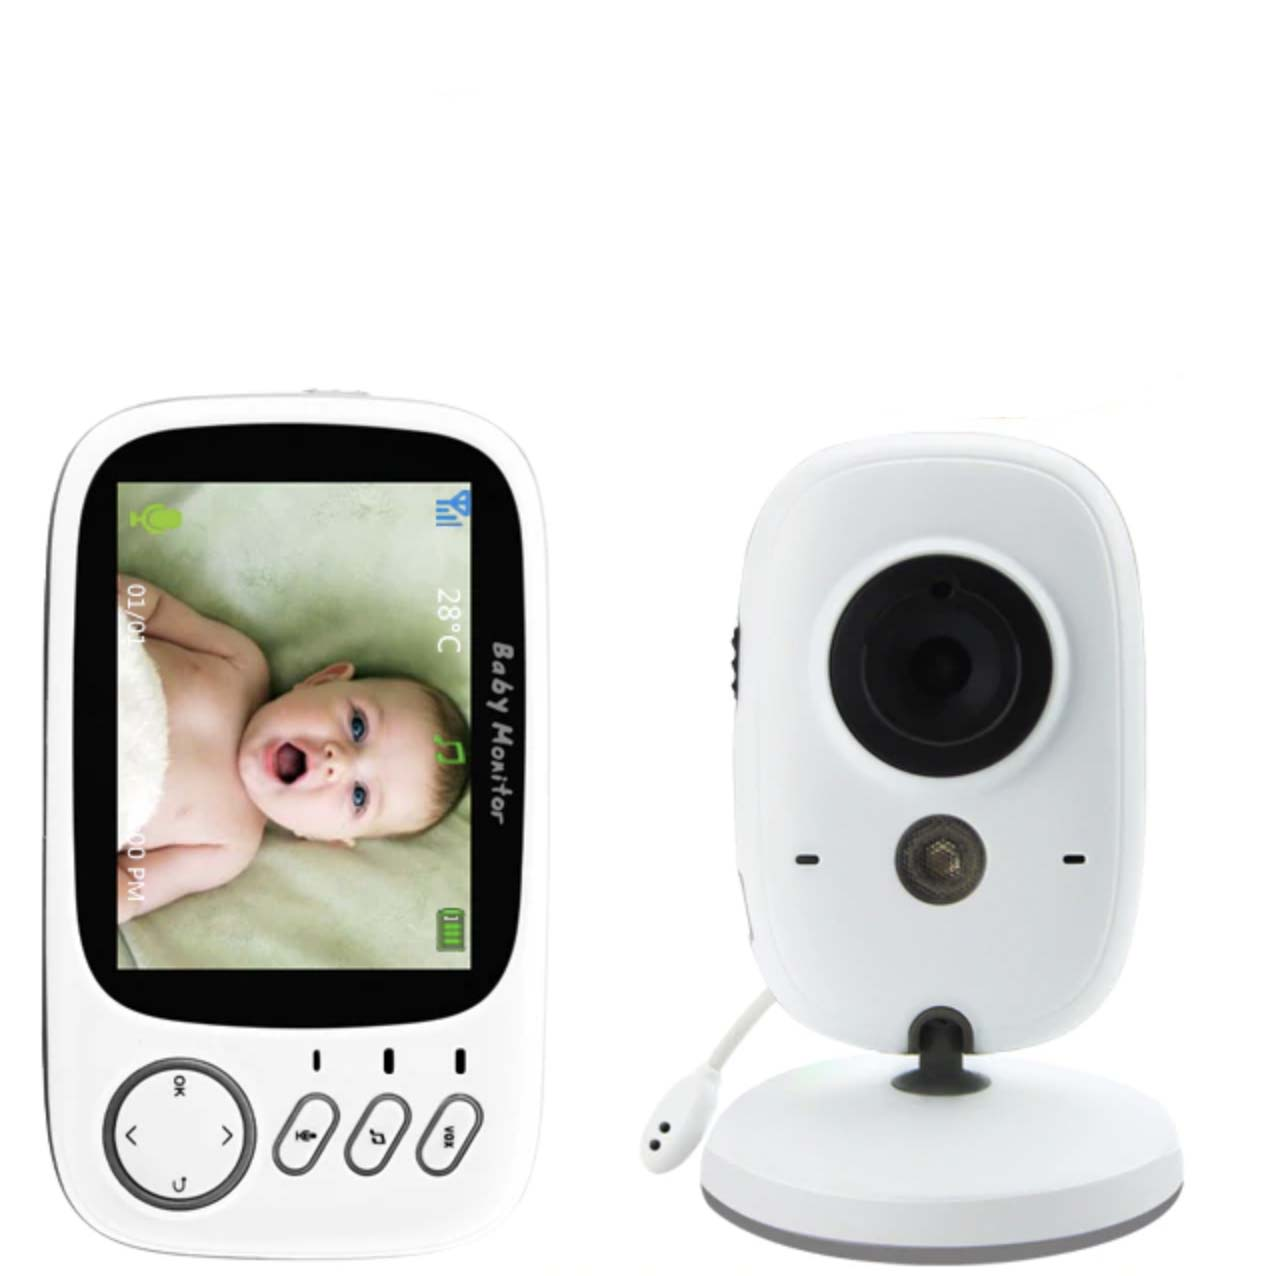 Babyphone vidéo Babywatch+ avec écran de 3,2 pouces et vision nocturne